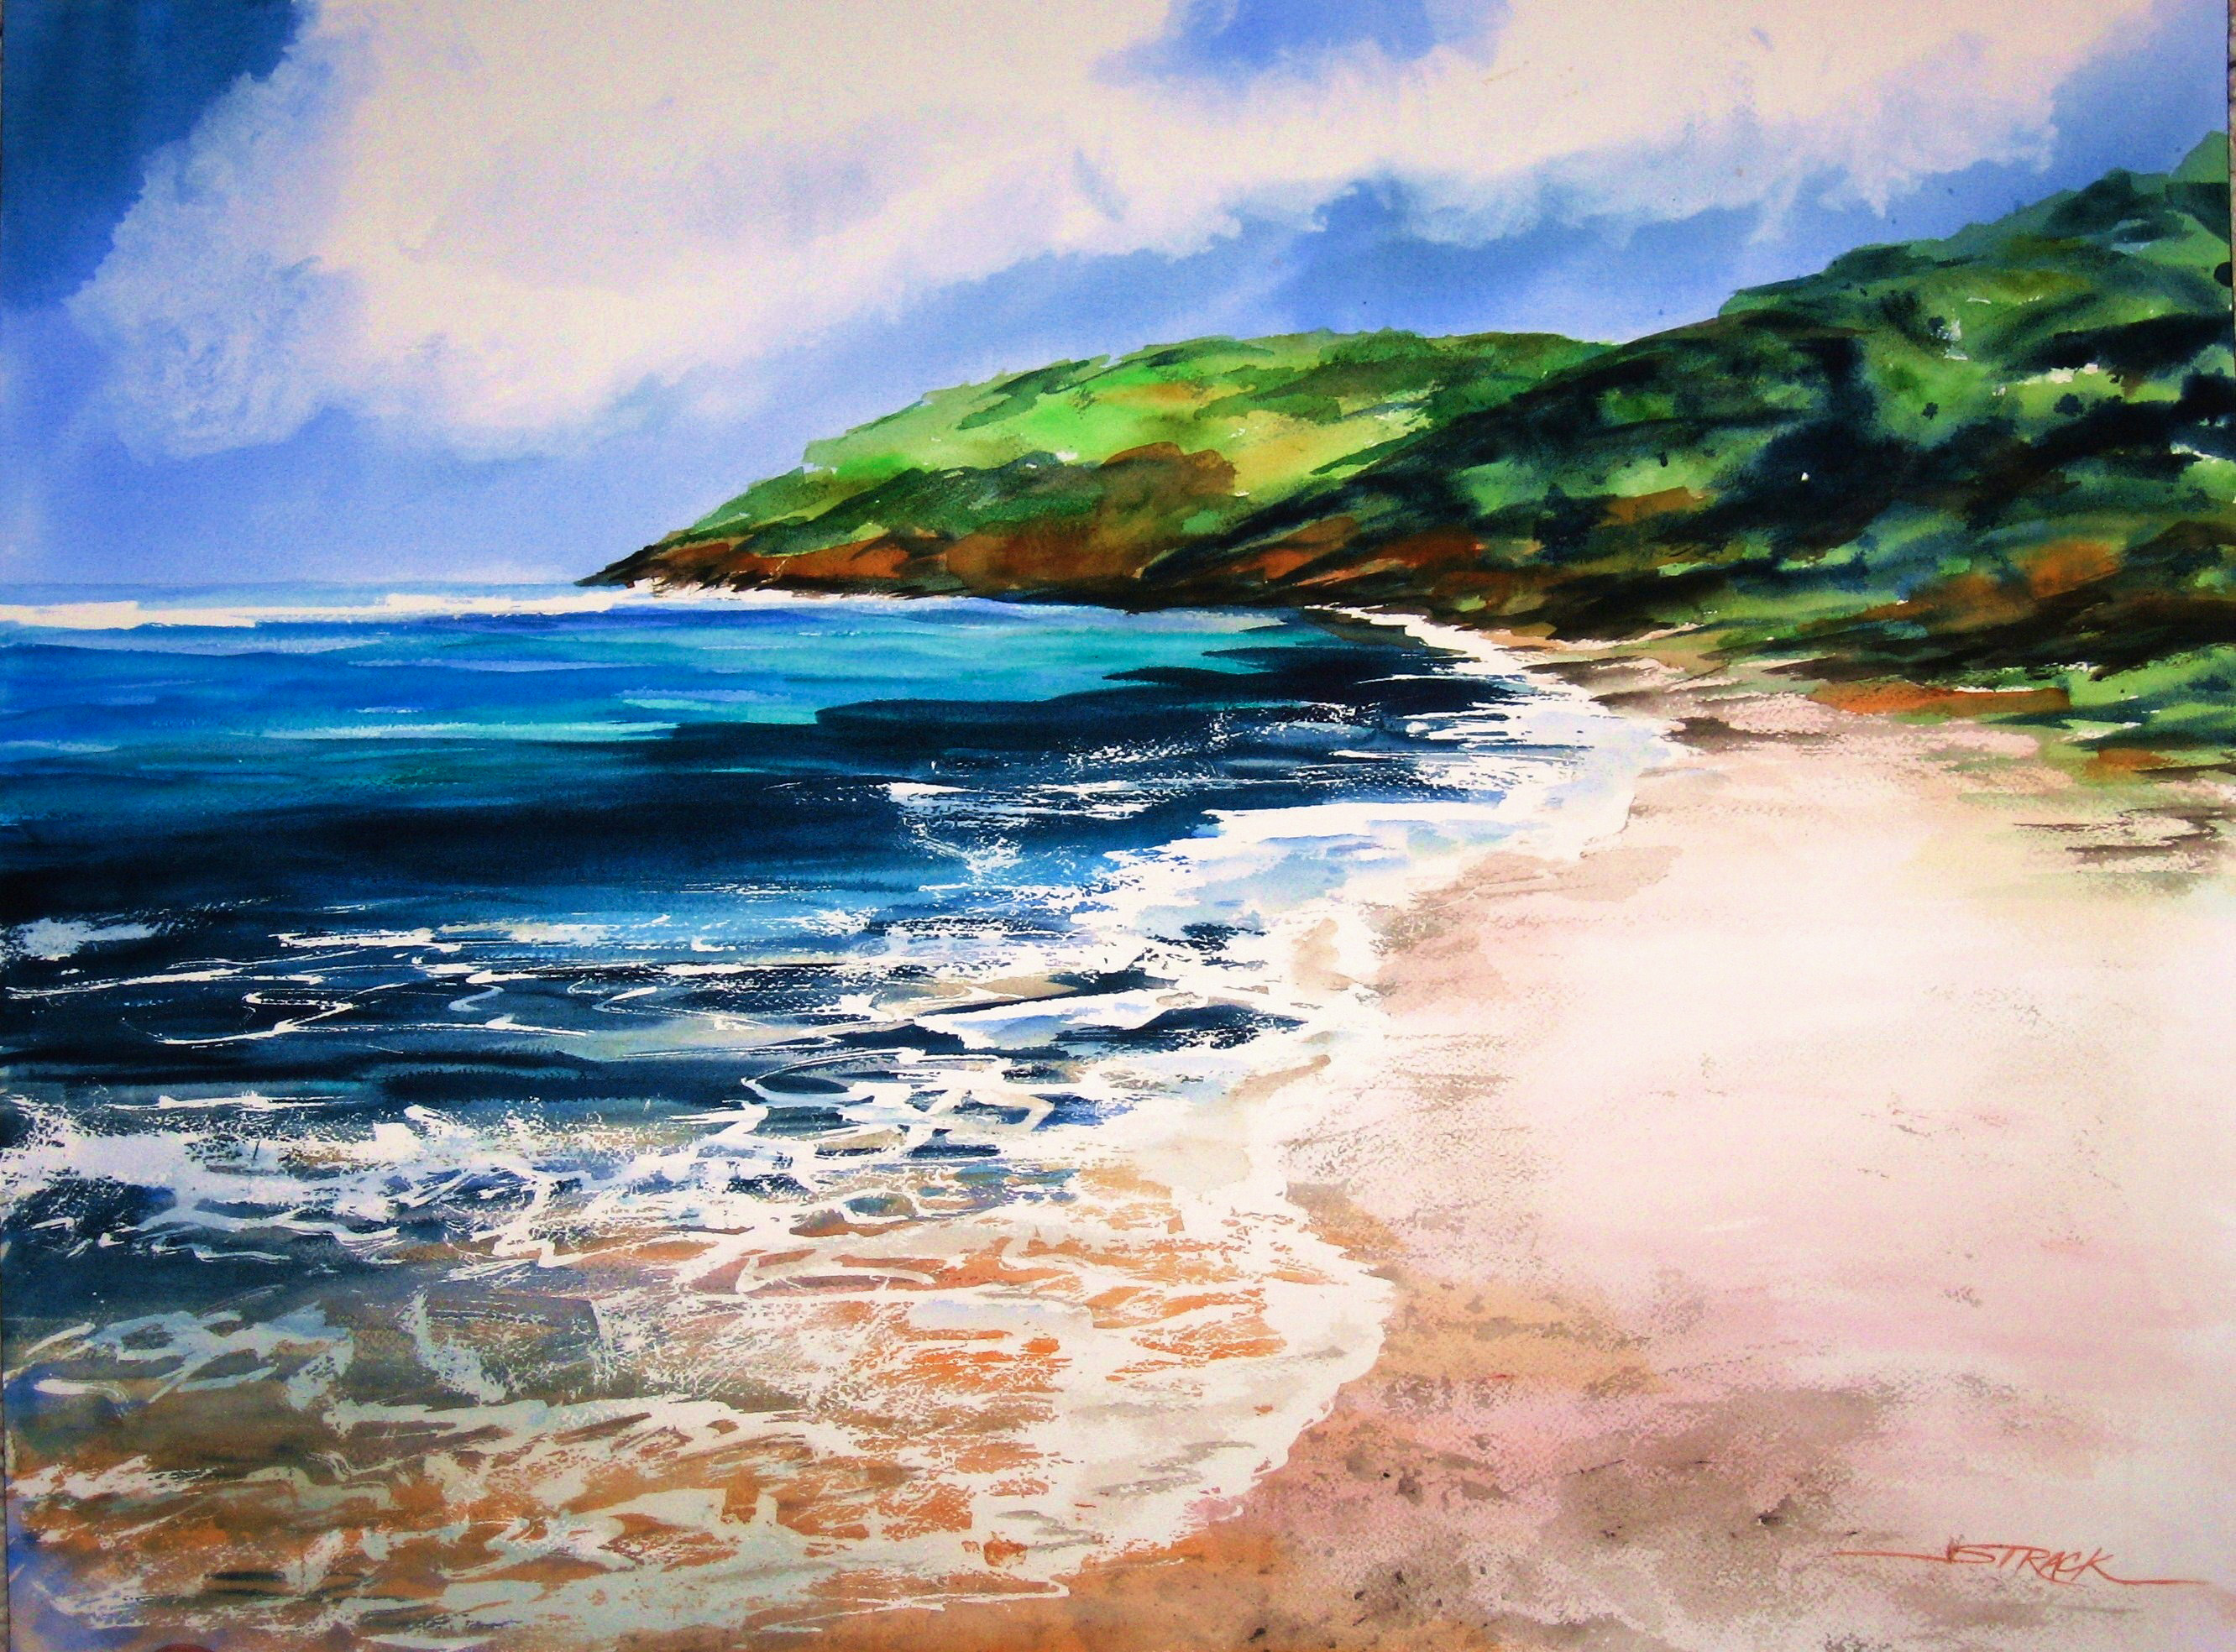 Tropical Beach by Annie Strack, watercolour